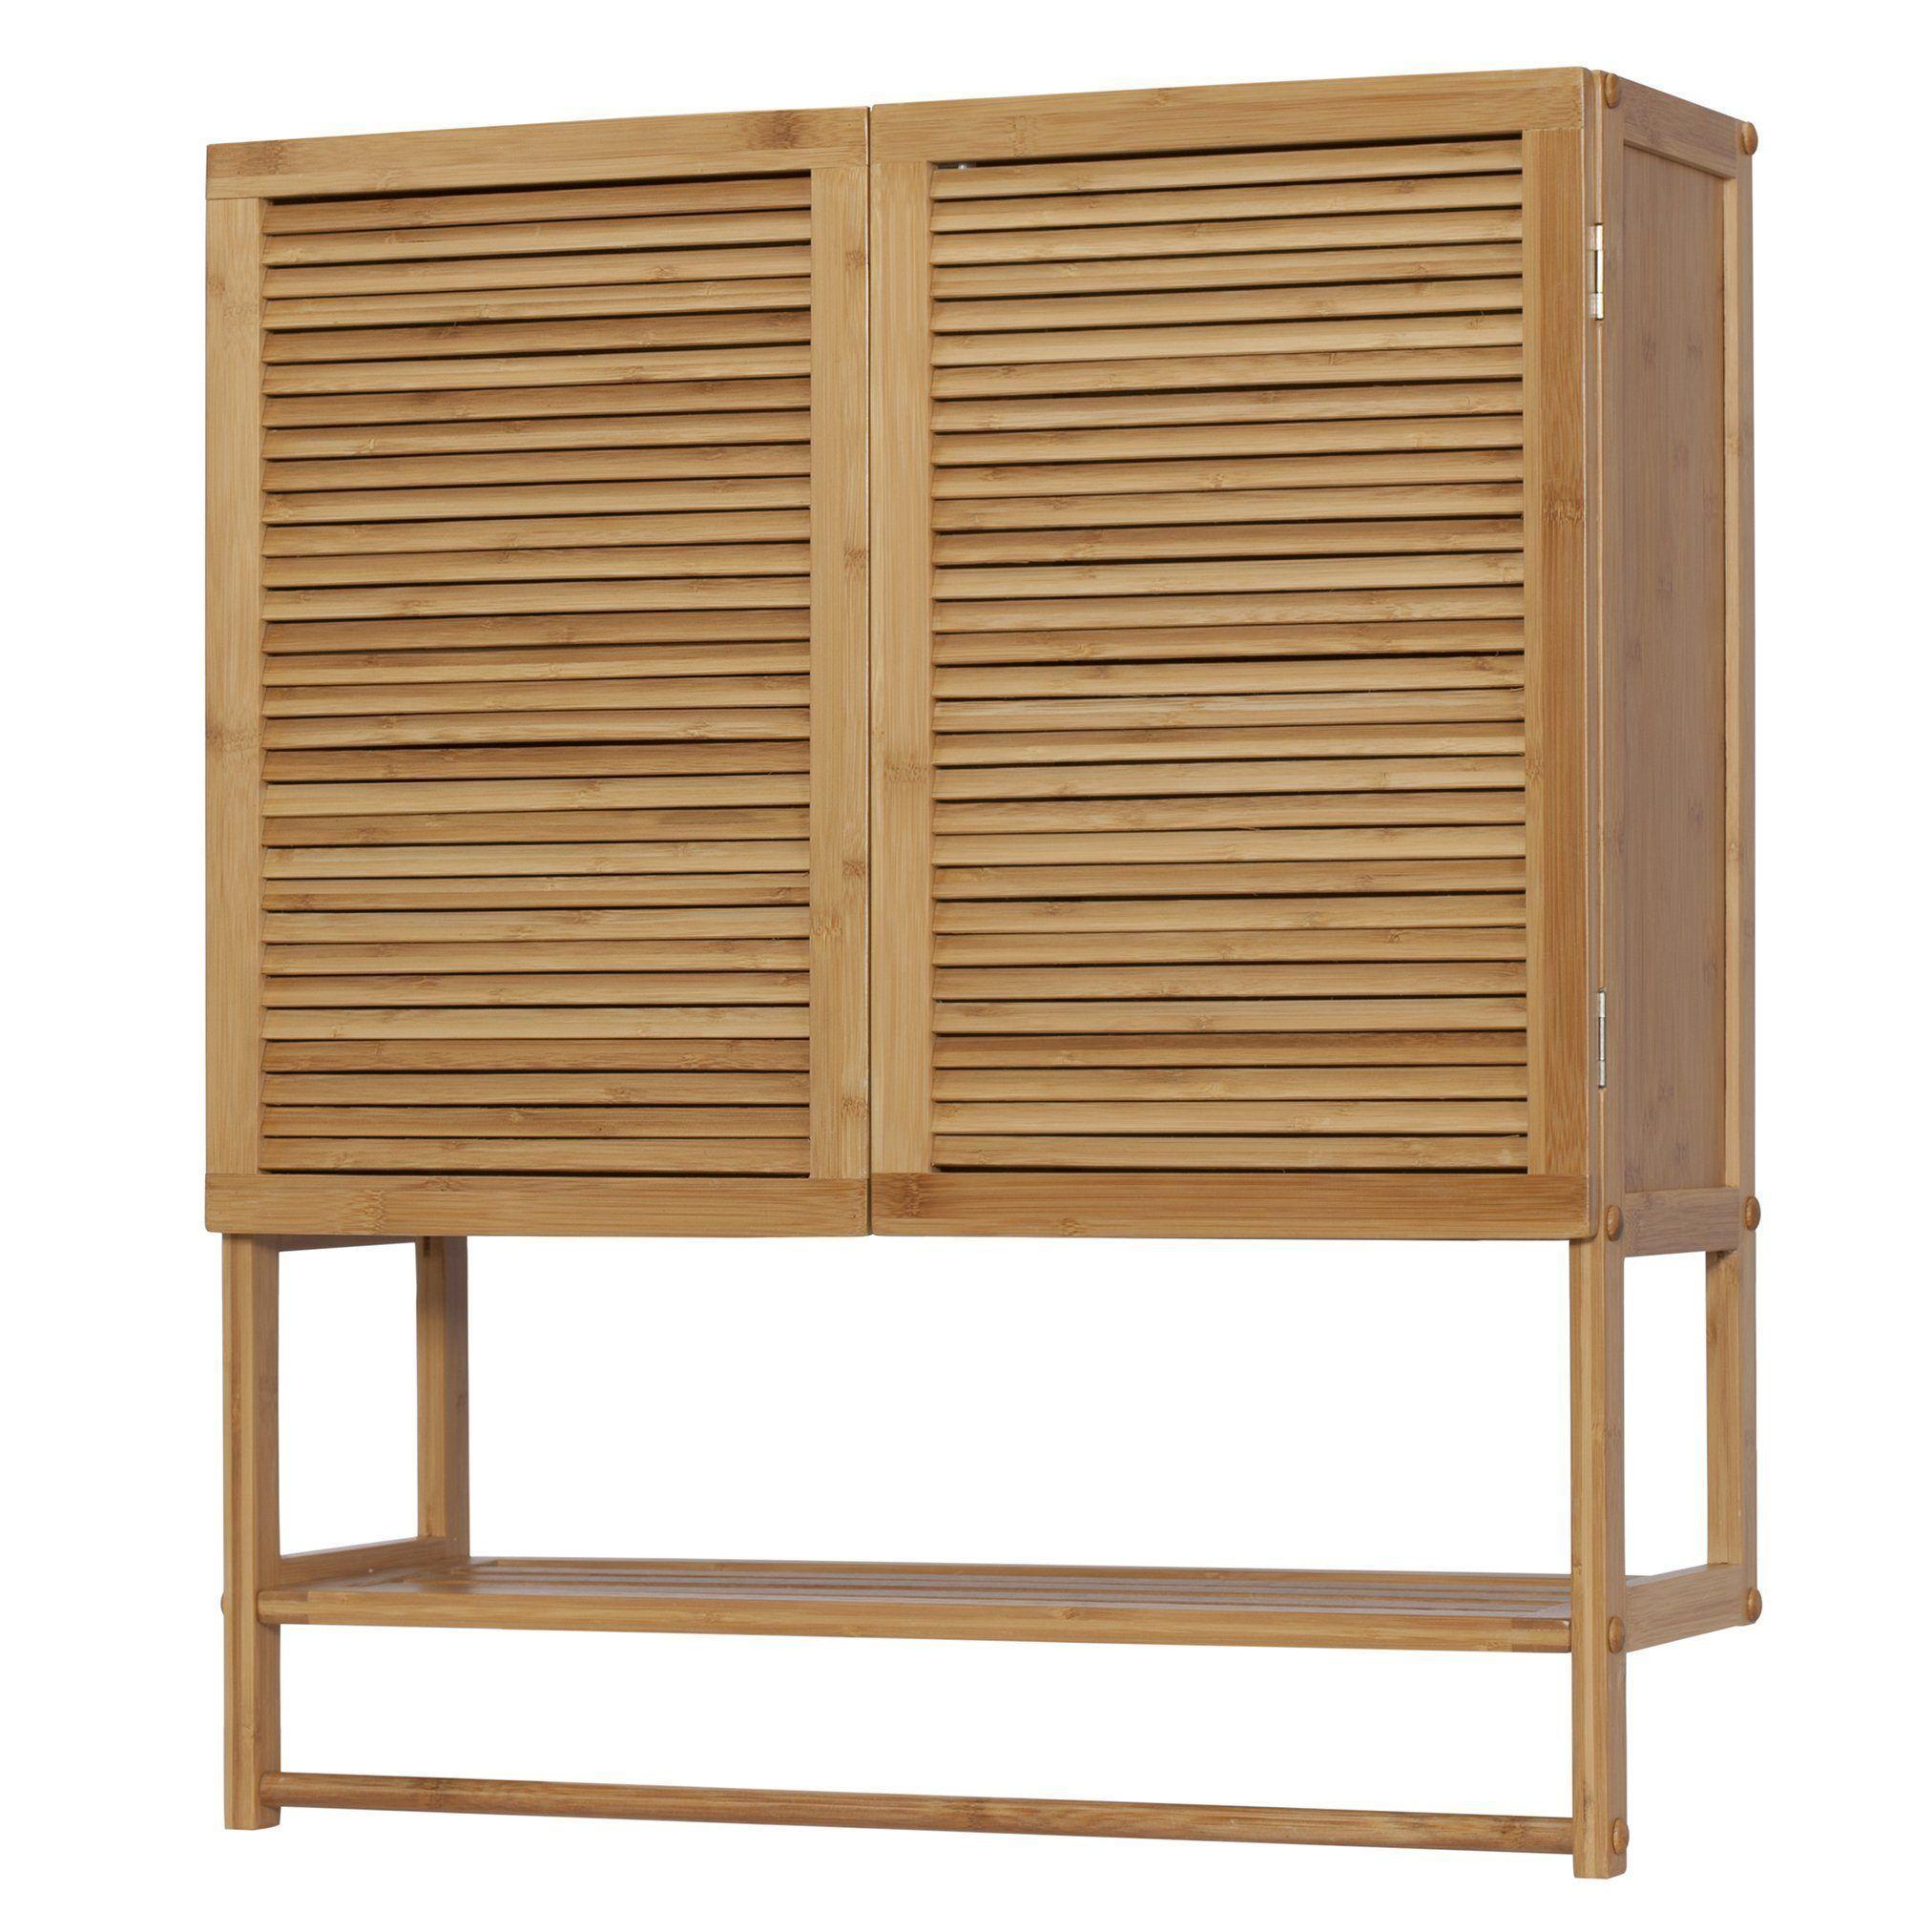 Bamboo Bathroom Wall Cabinet